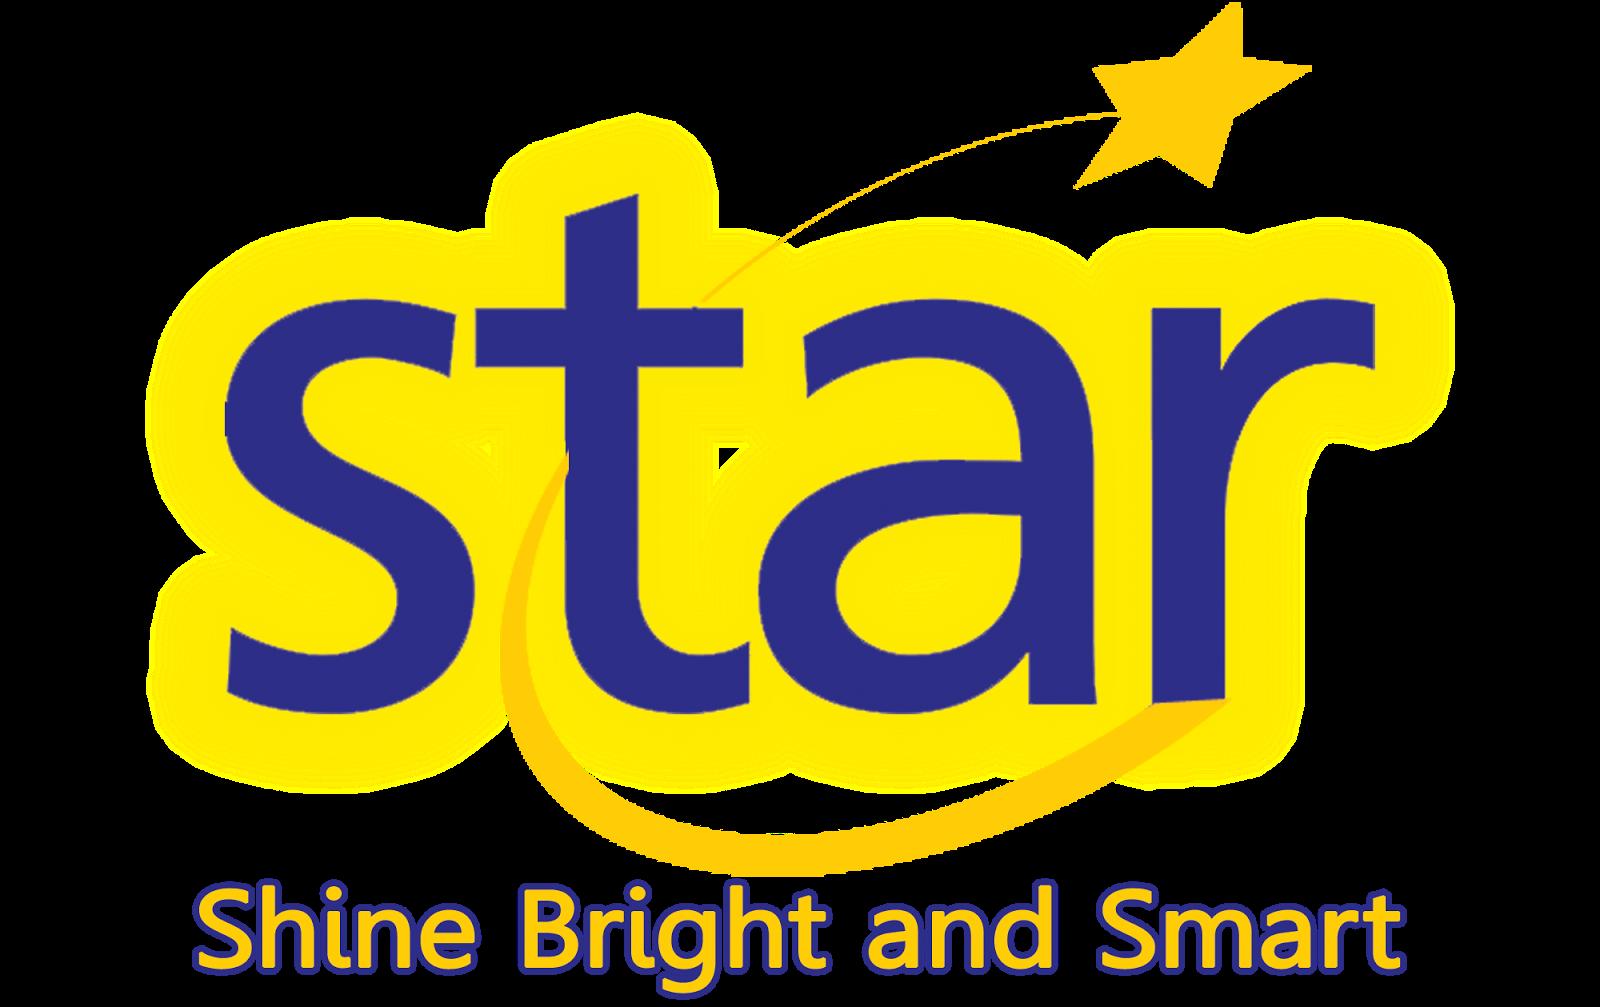 5 star shine coupon